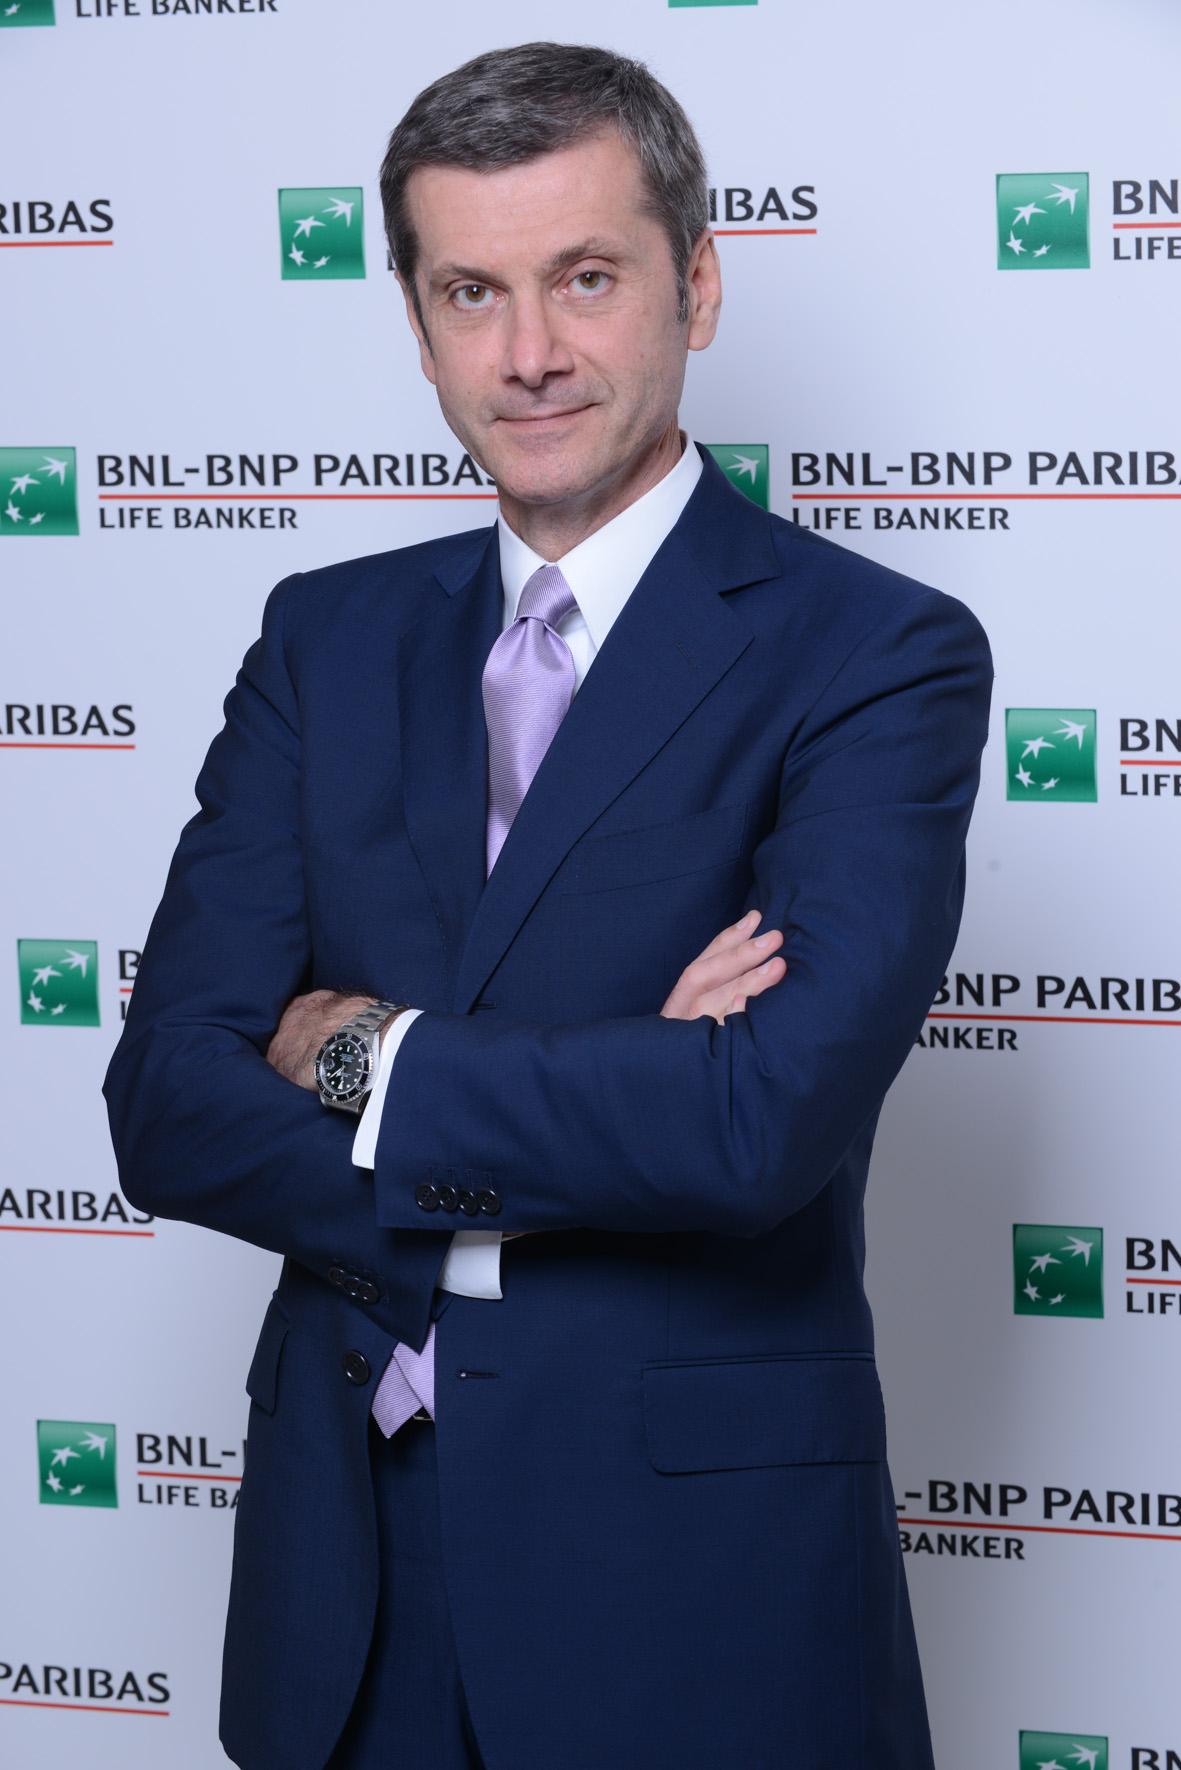 Bnl-Bnp Paribas Life Banker fa 13